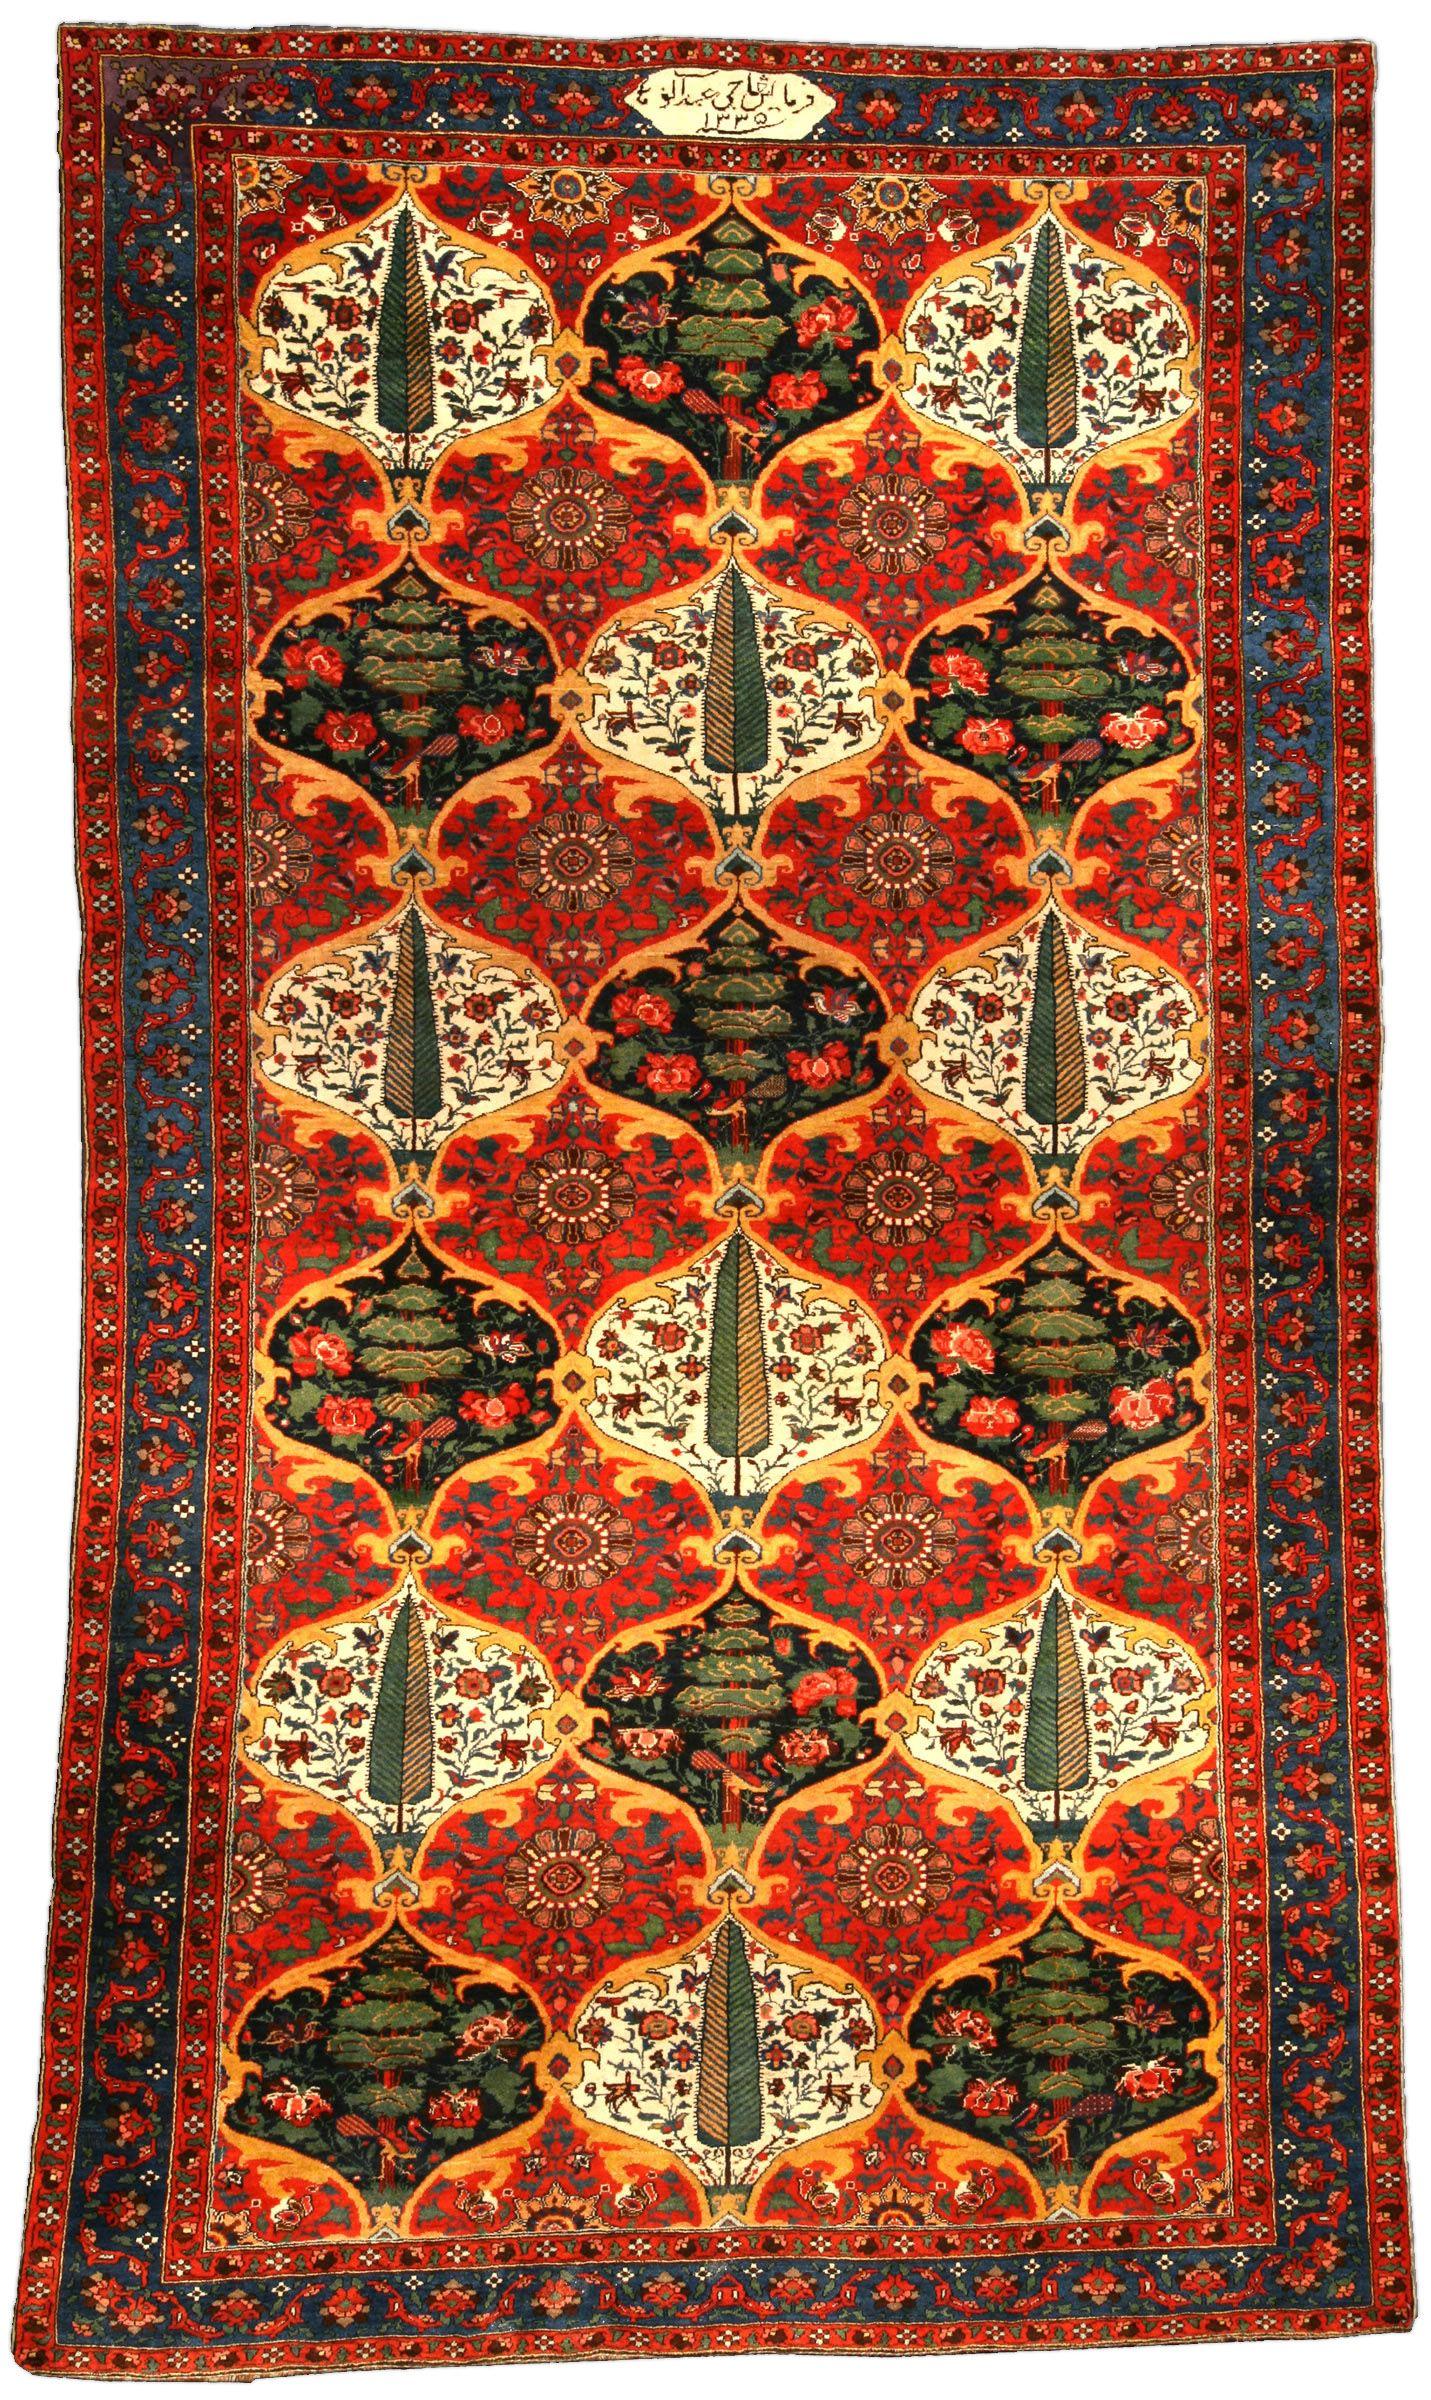 Antique Persian Bakhtiari Carpet Bb3460 Floral Motif And